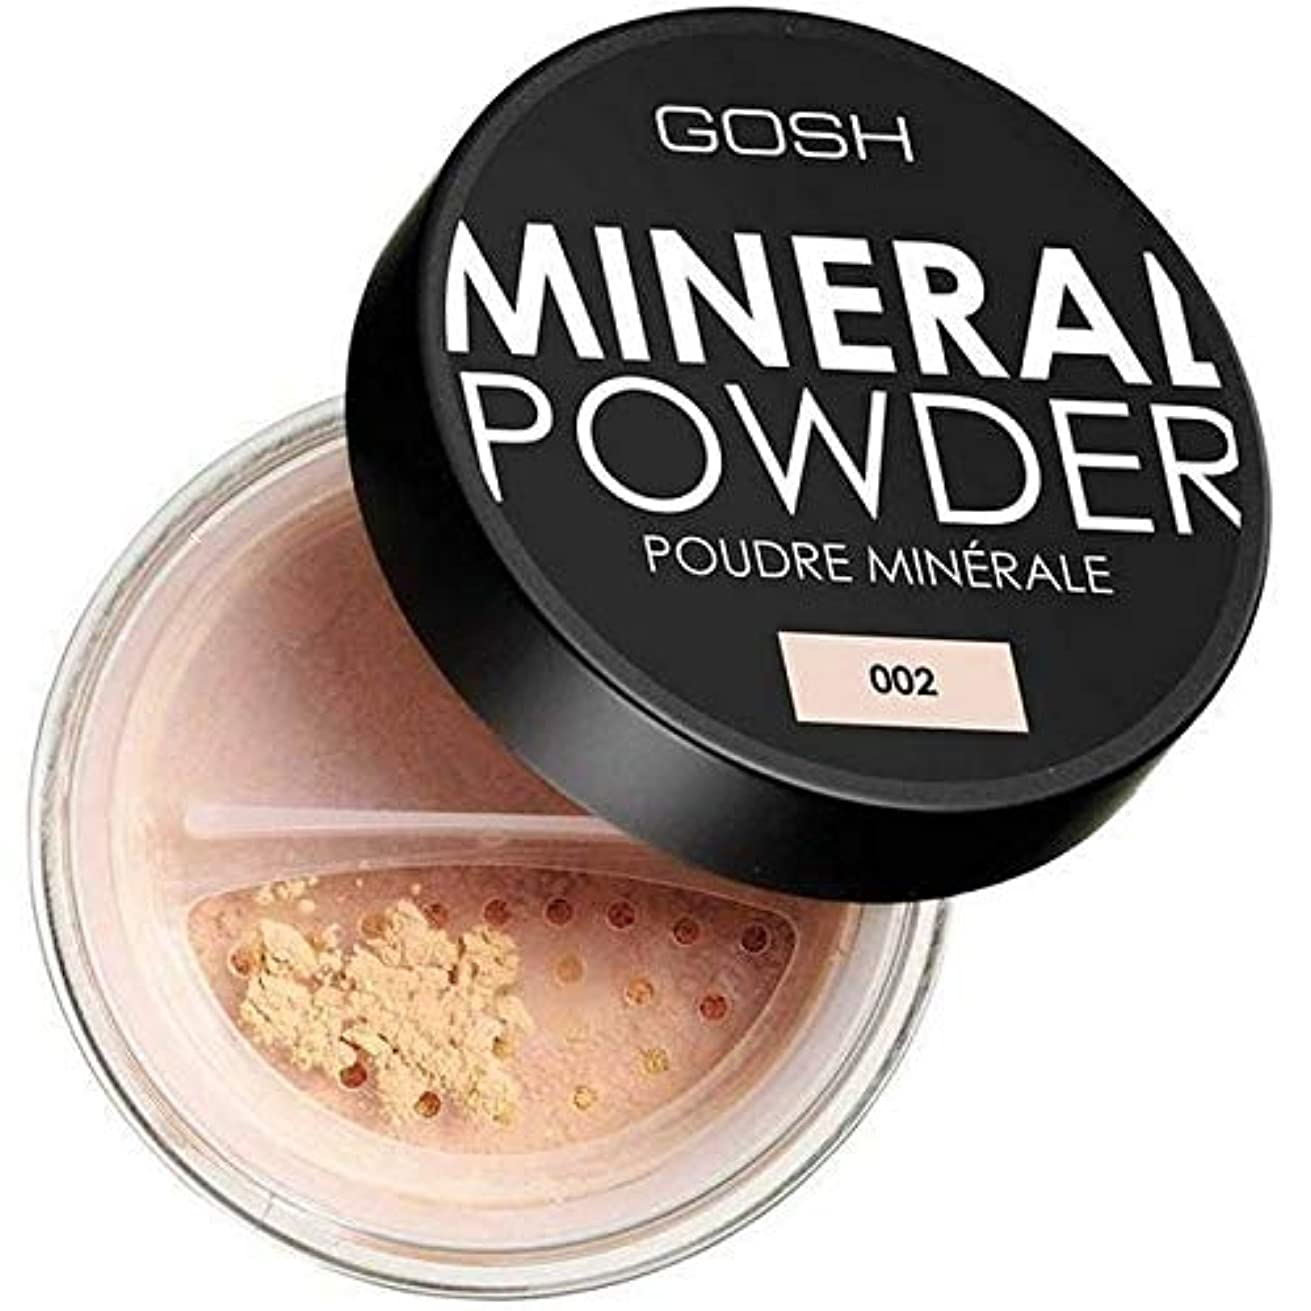 たくさんの漏斗見物人[GOSH ] おやっミネラルフルカバーファンデーションパウダーアイボリー002 - GOSH Mineral Full Coverage Foundation Powder Ivory 002 [並行輸入品]